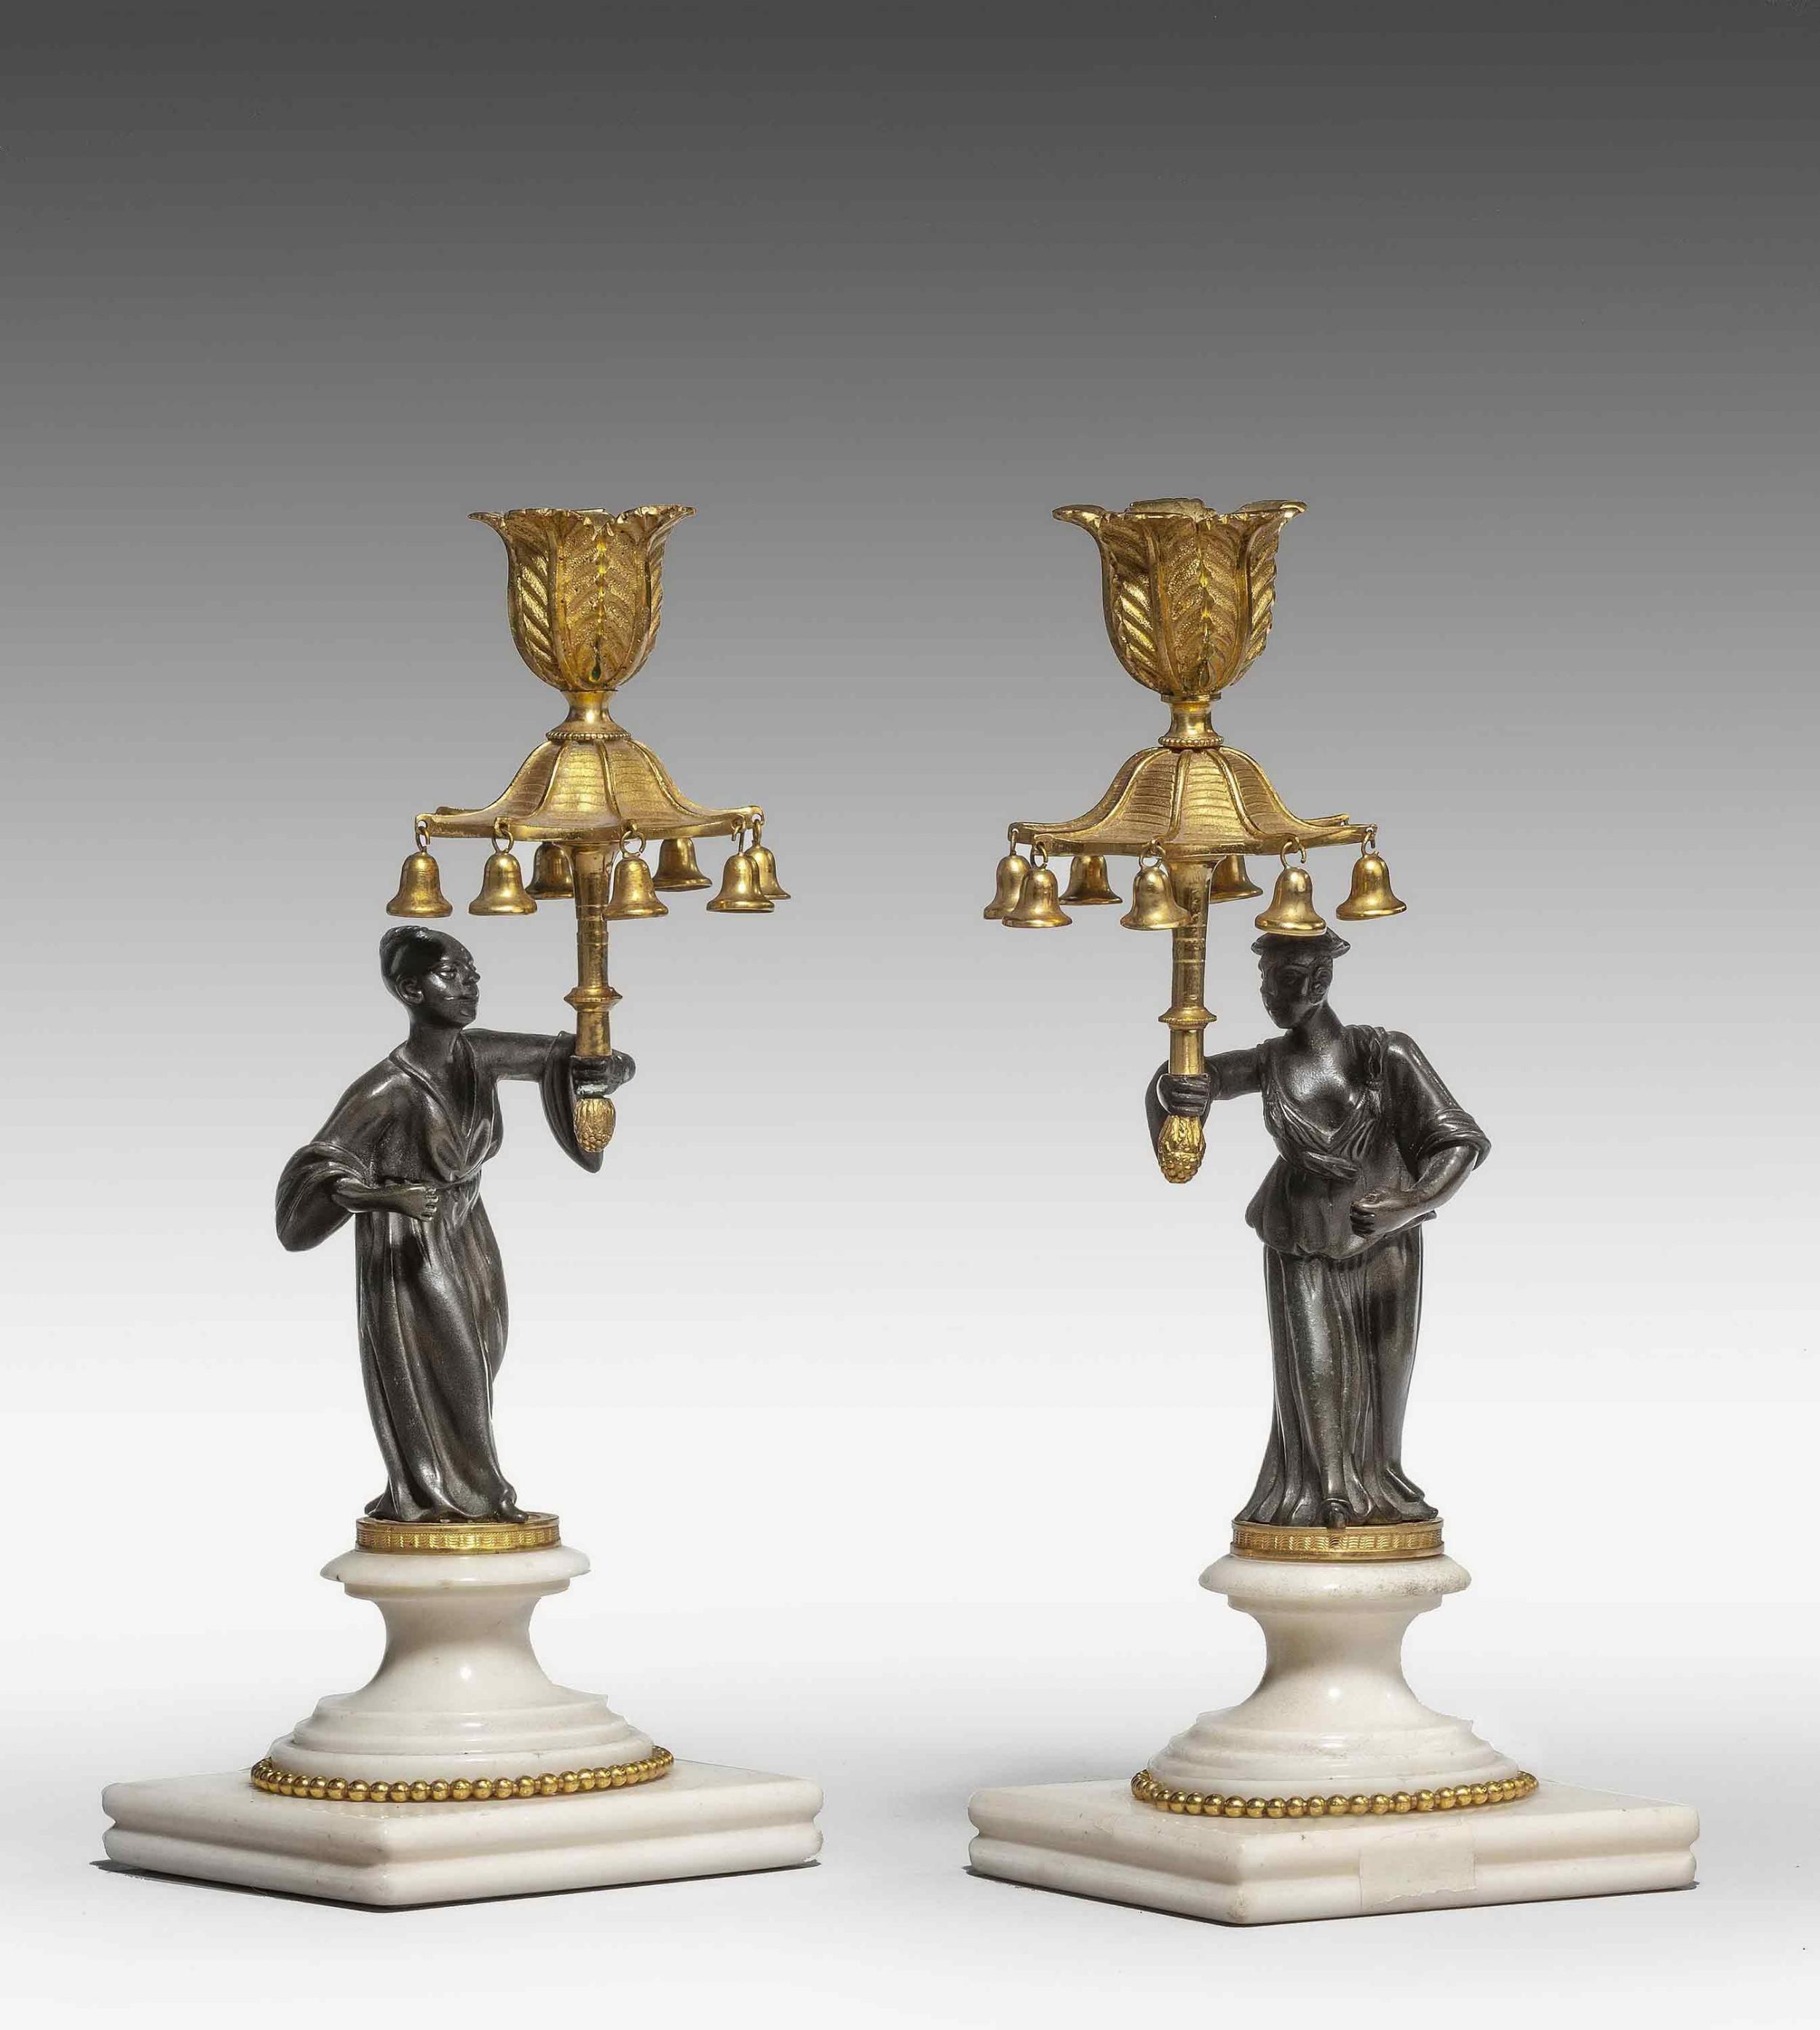 pair of regency period gilt bronze candlesticks